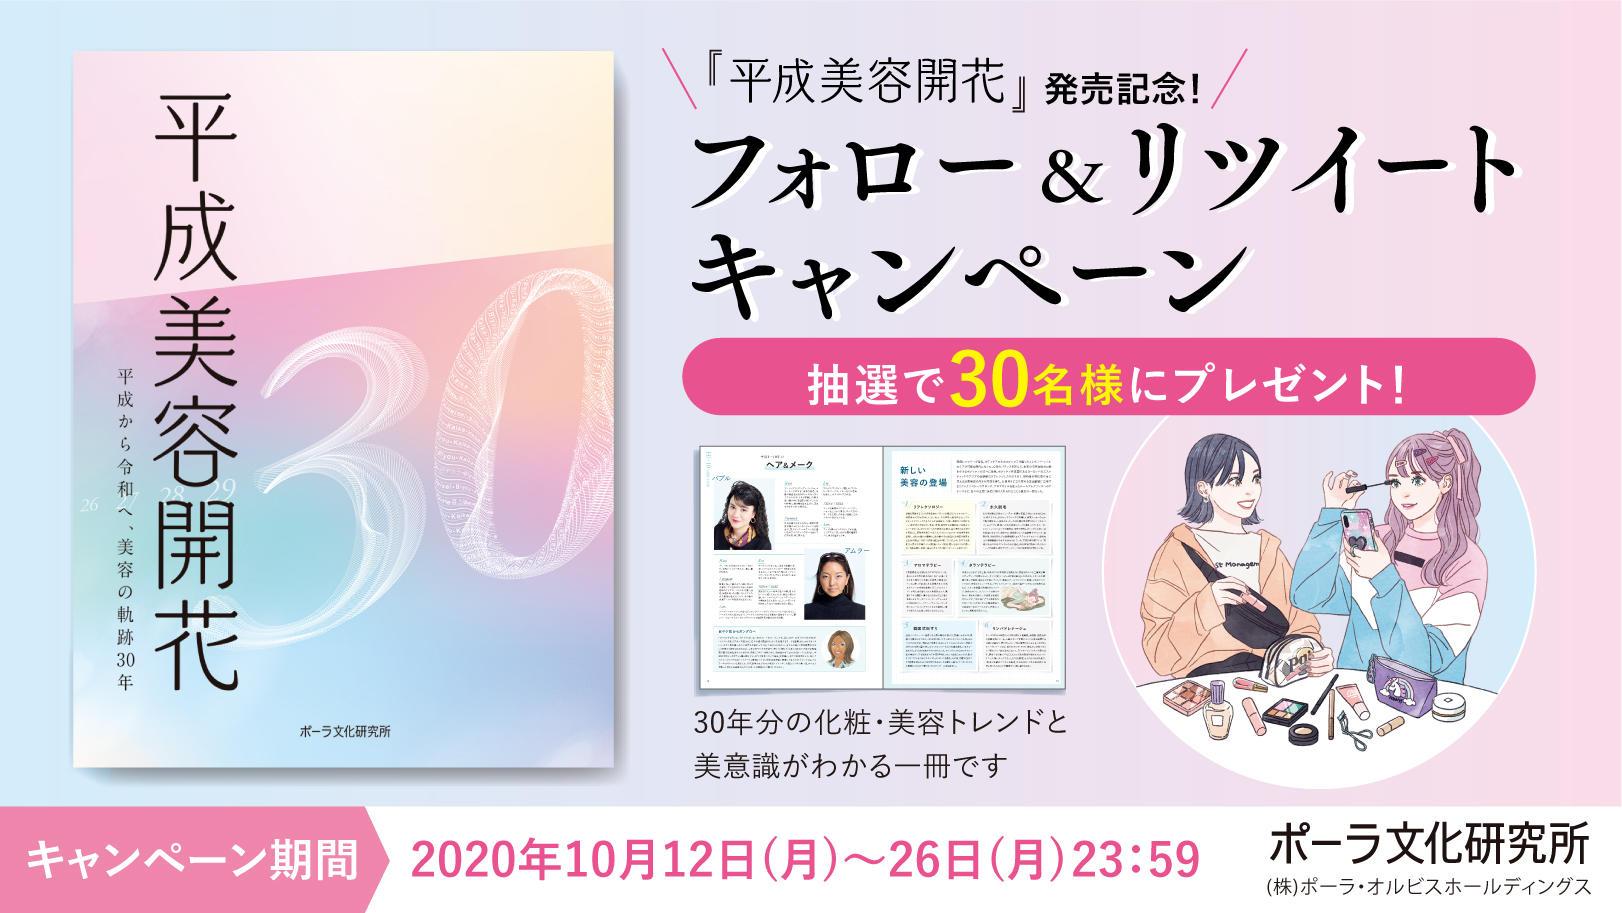 フォロー&リツイートで『平成美容開花』をプレゼント!!<br> Twitterにて新刊キャンペーンを開催!